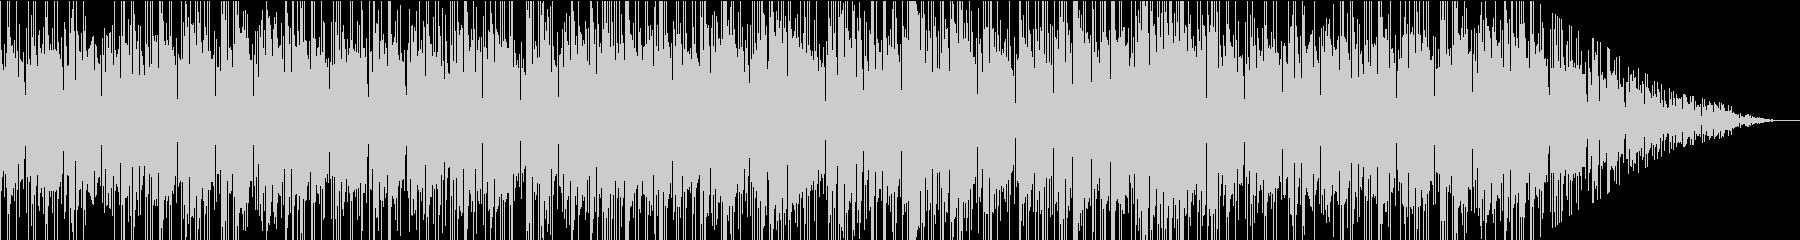 落ち着いたた雰囲気のお洒落なBGMの未再生の波形